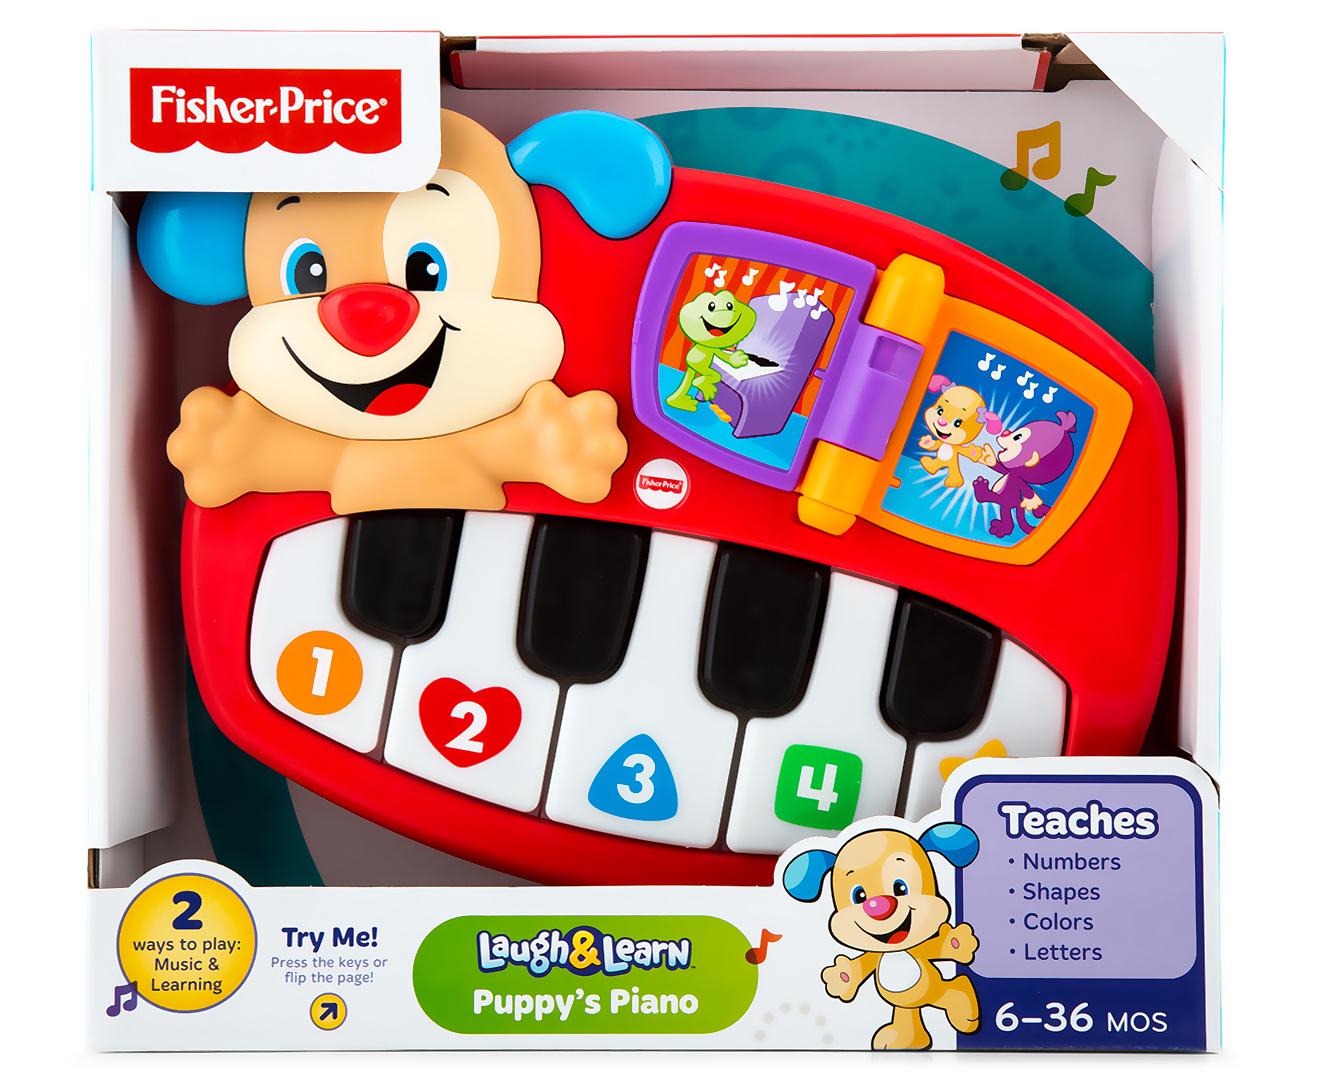 Fisher-Price Laugh & Learn Puppy's Piano - Walmart.com